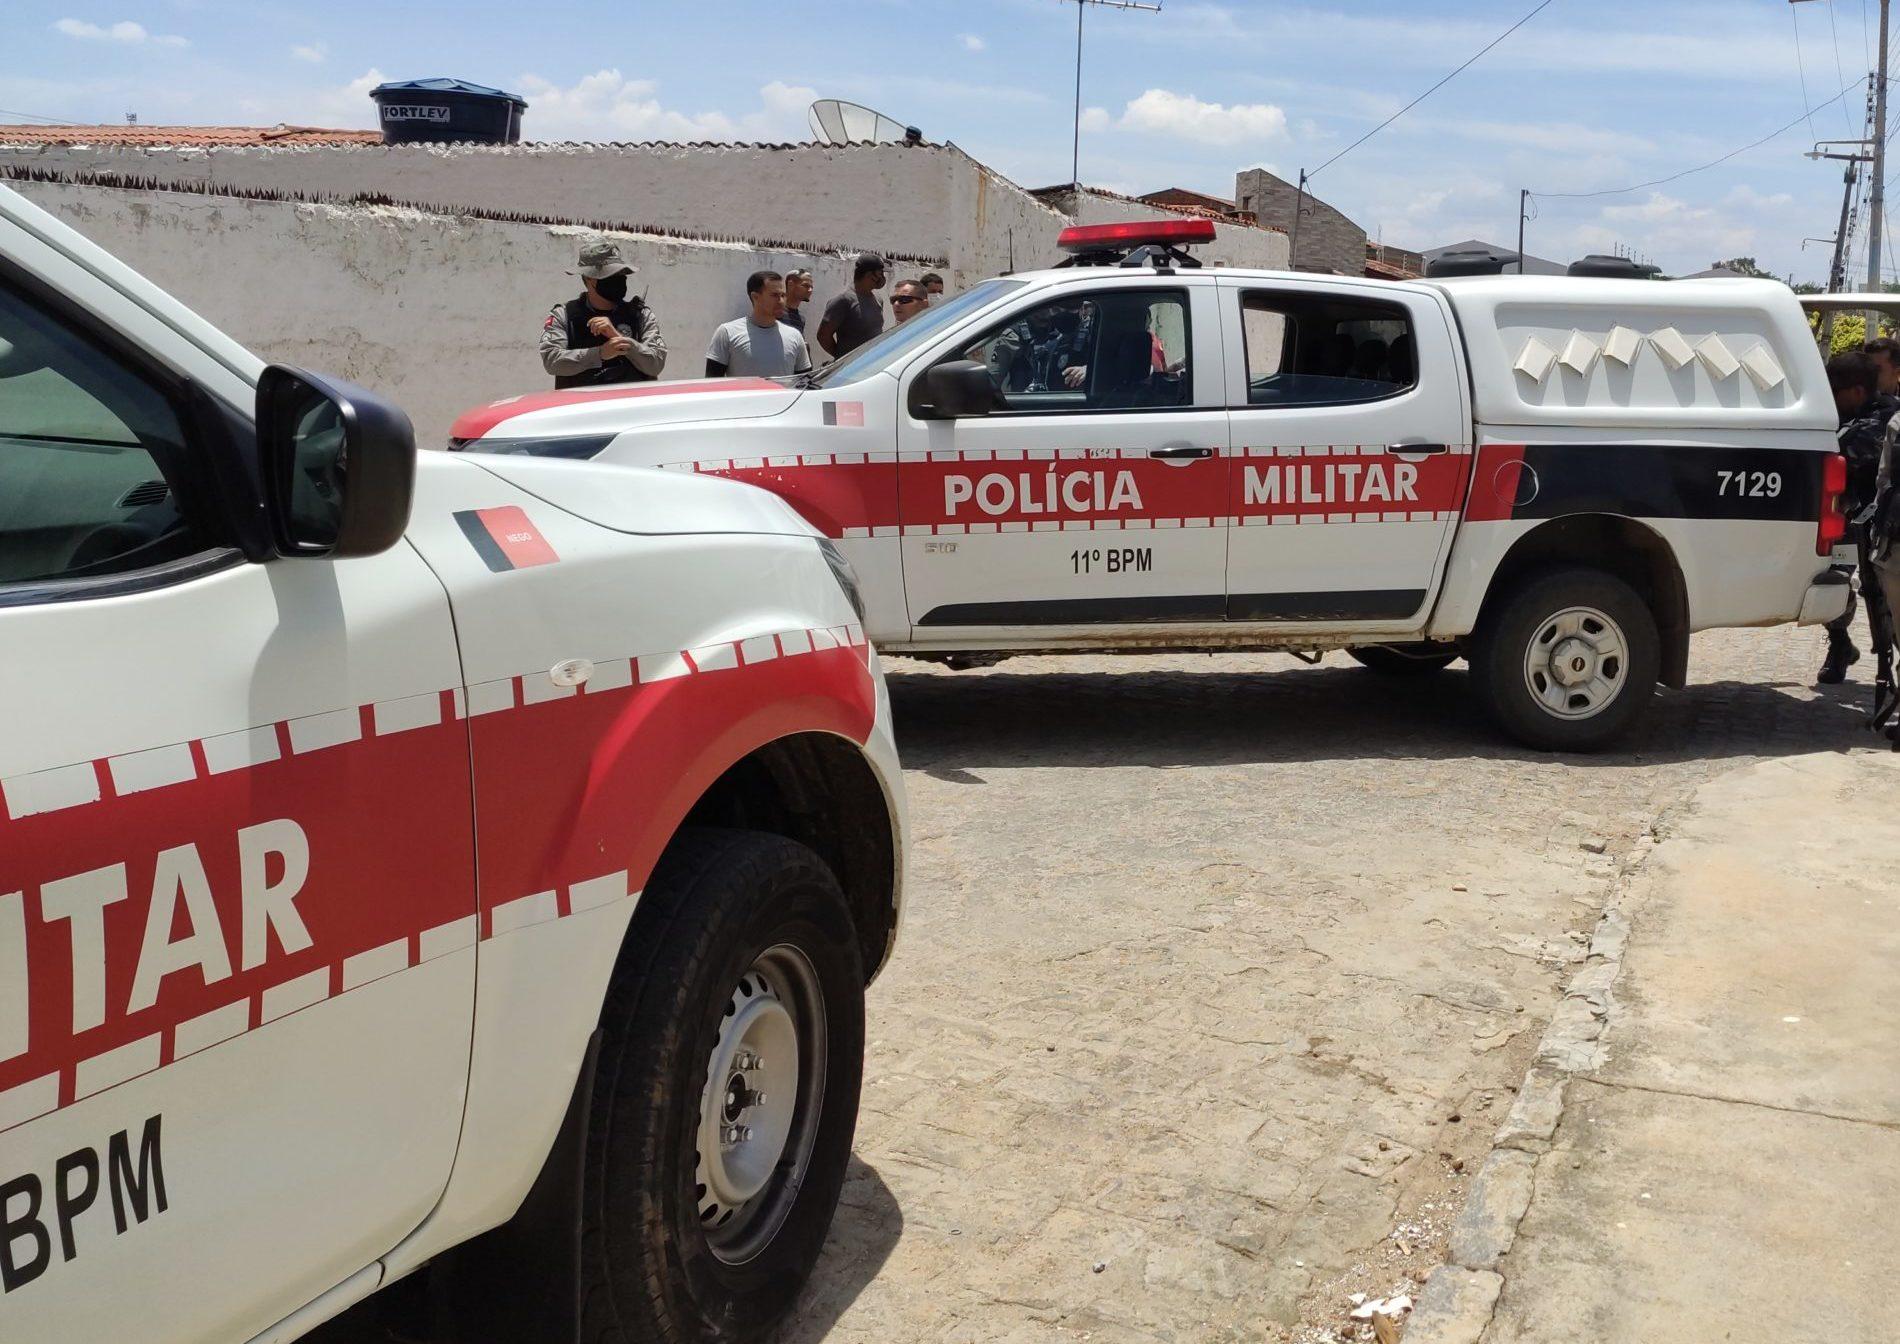 IMG_20210203_112437-scaled-e1612363849864 Acusado de roubo em Sumé é preso após perseguição policial em Monteiro